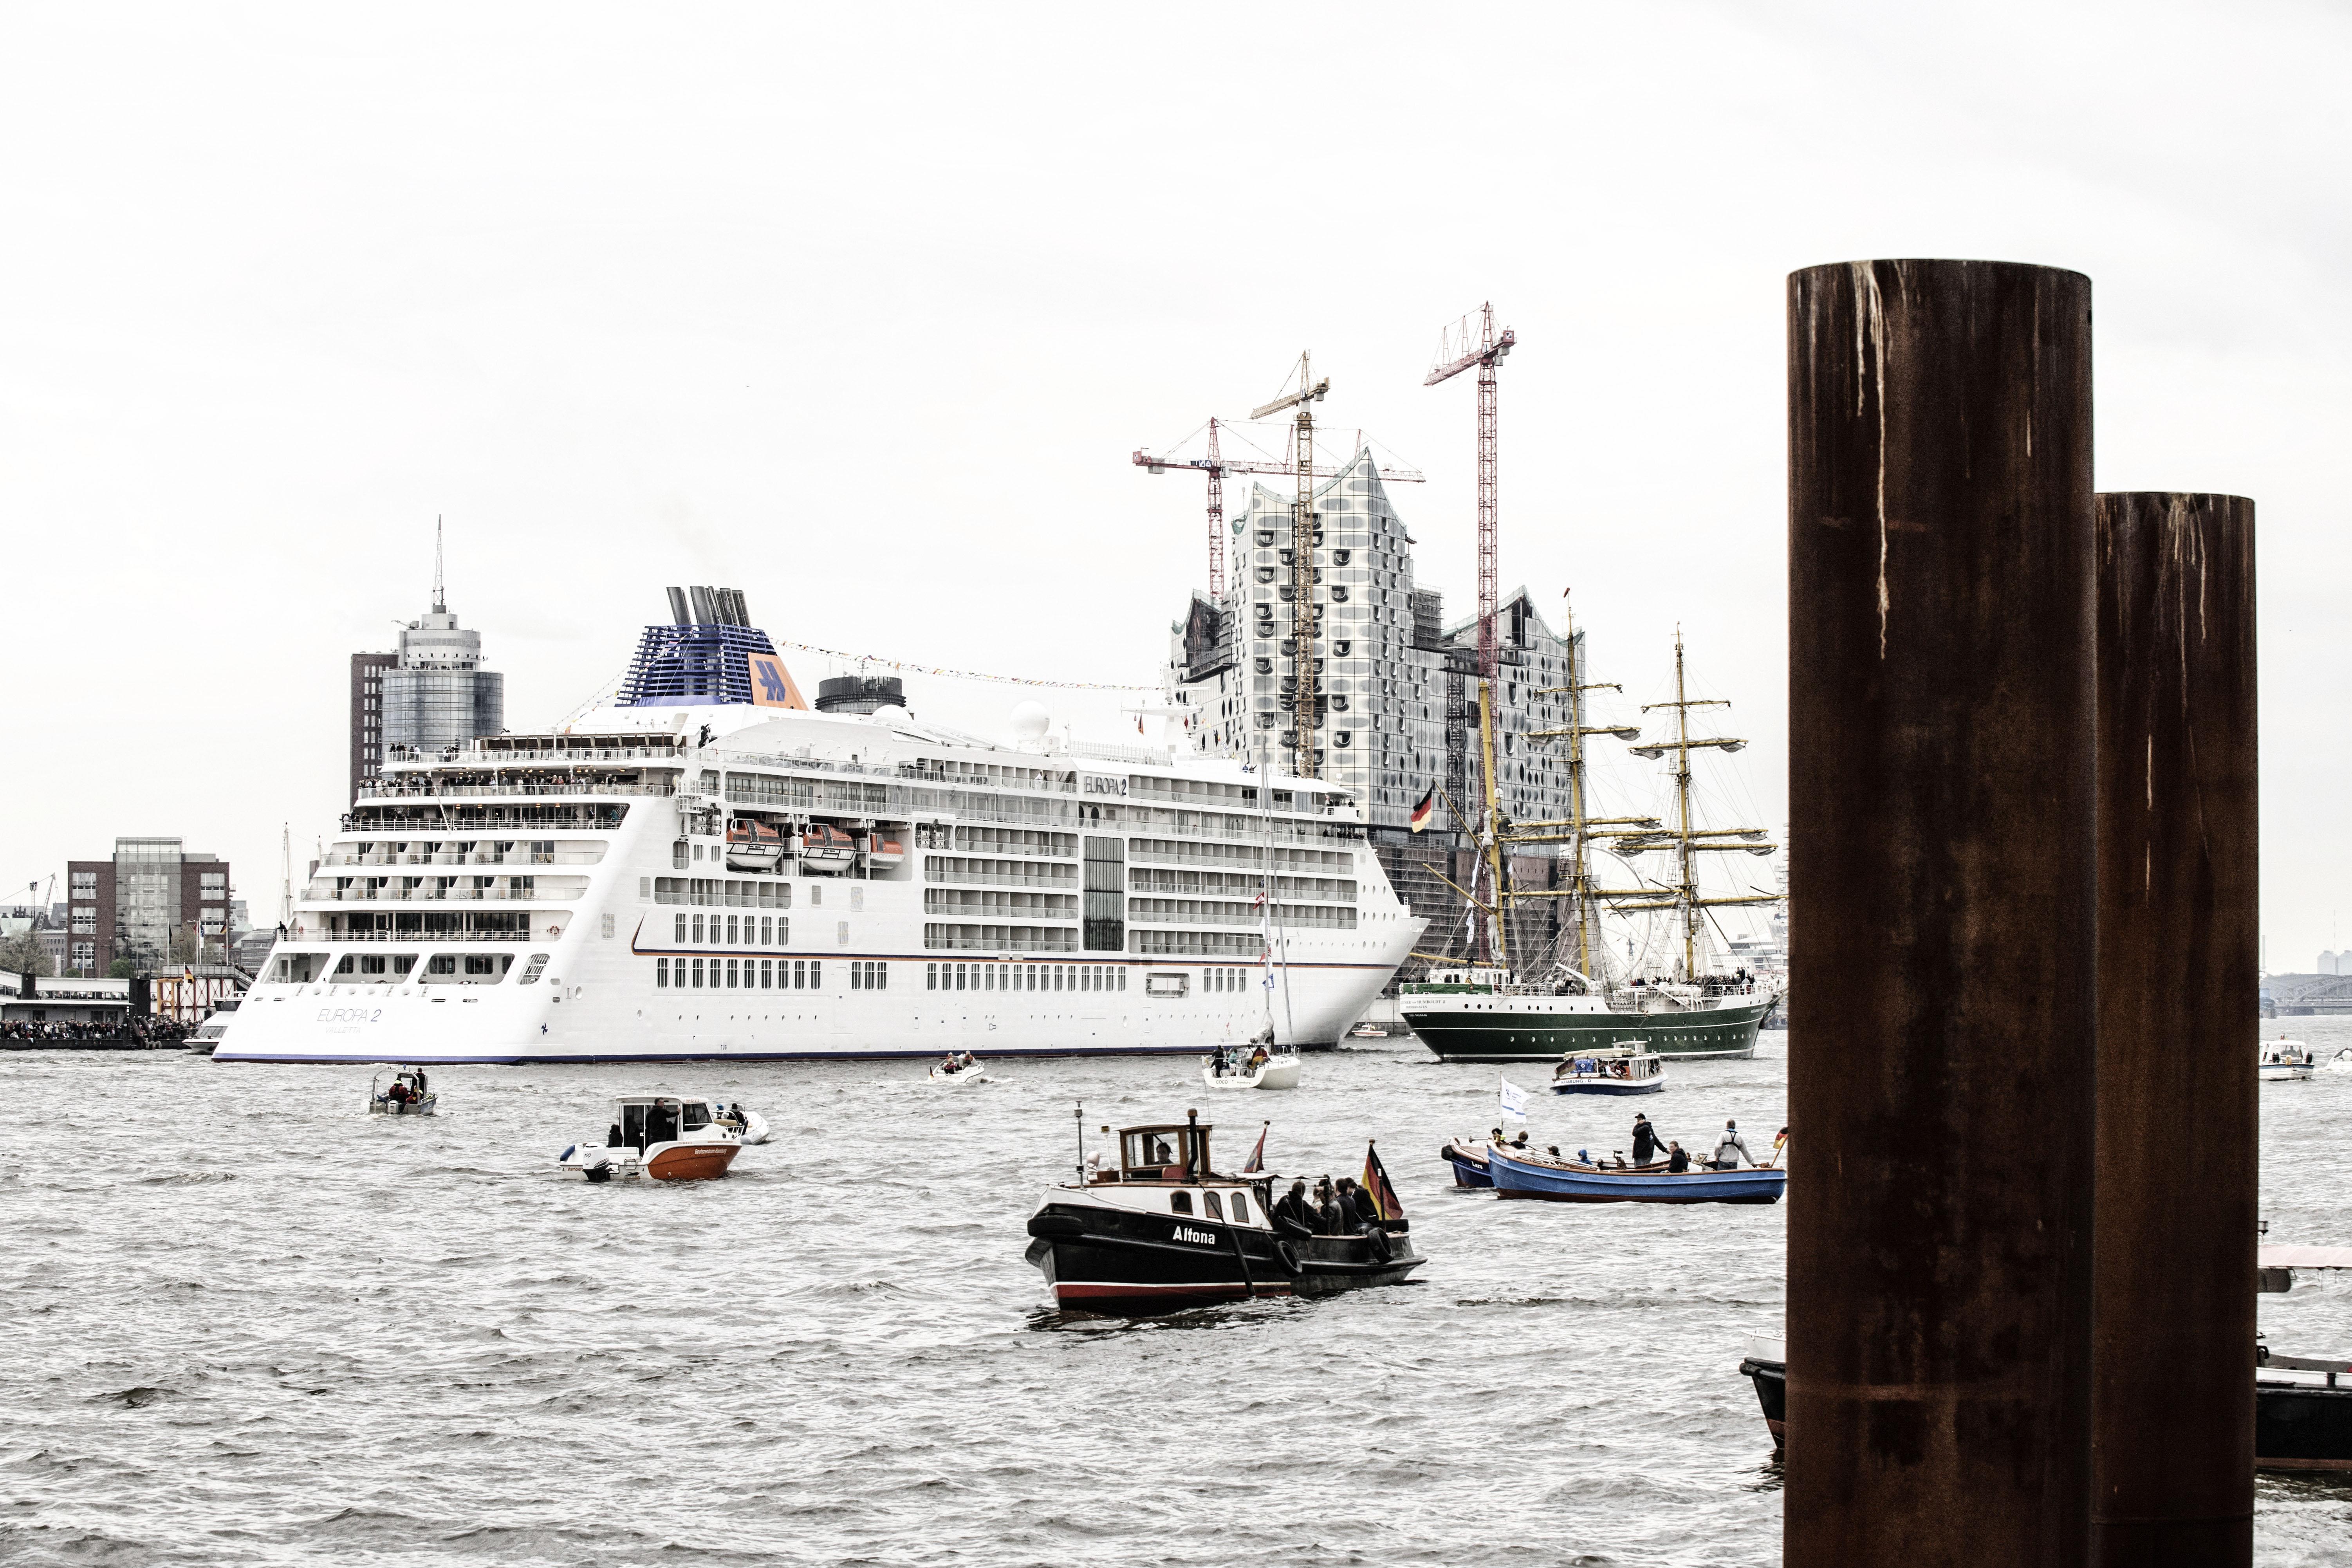 hapag lloyd kreuzfahrten alle vier schiffe kommen im sommer nach deutschland. Black Bedroom Furniture Sets. Home Design Ideas